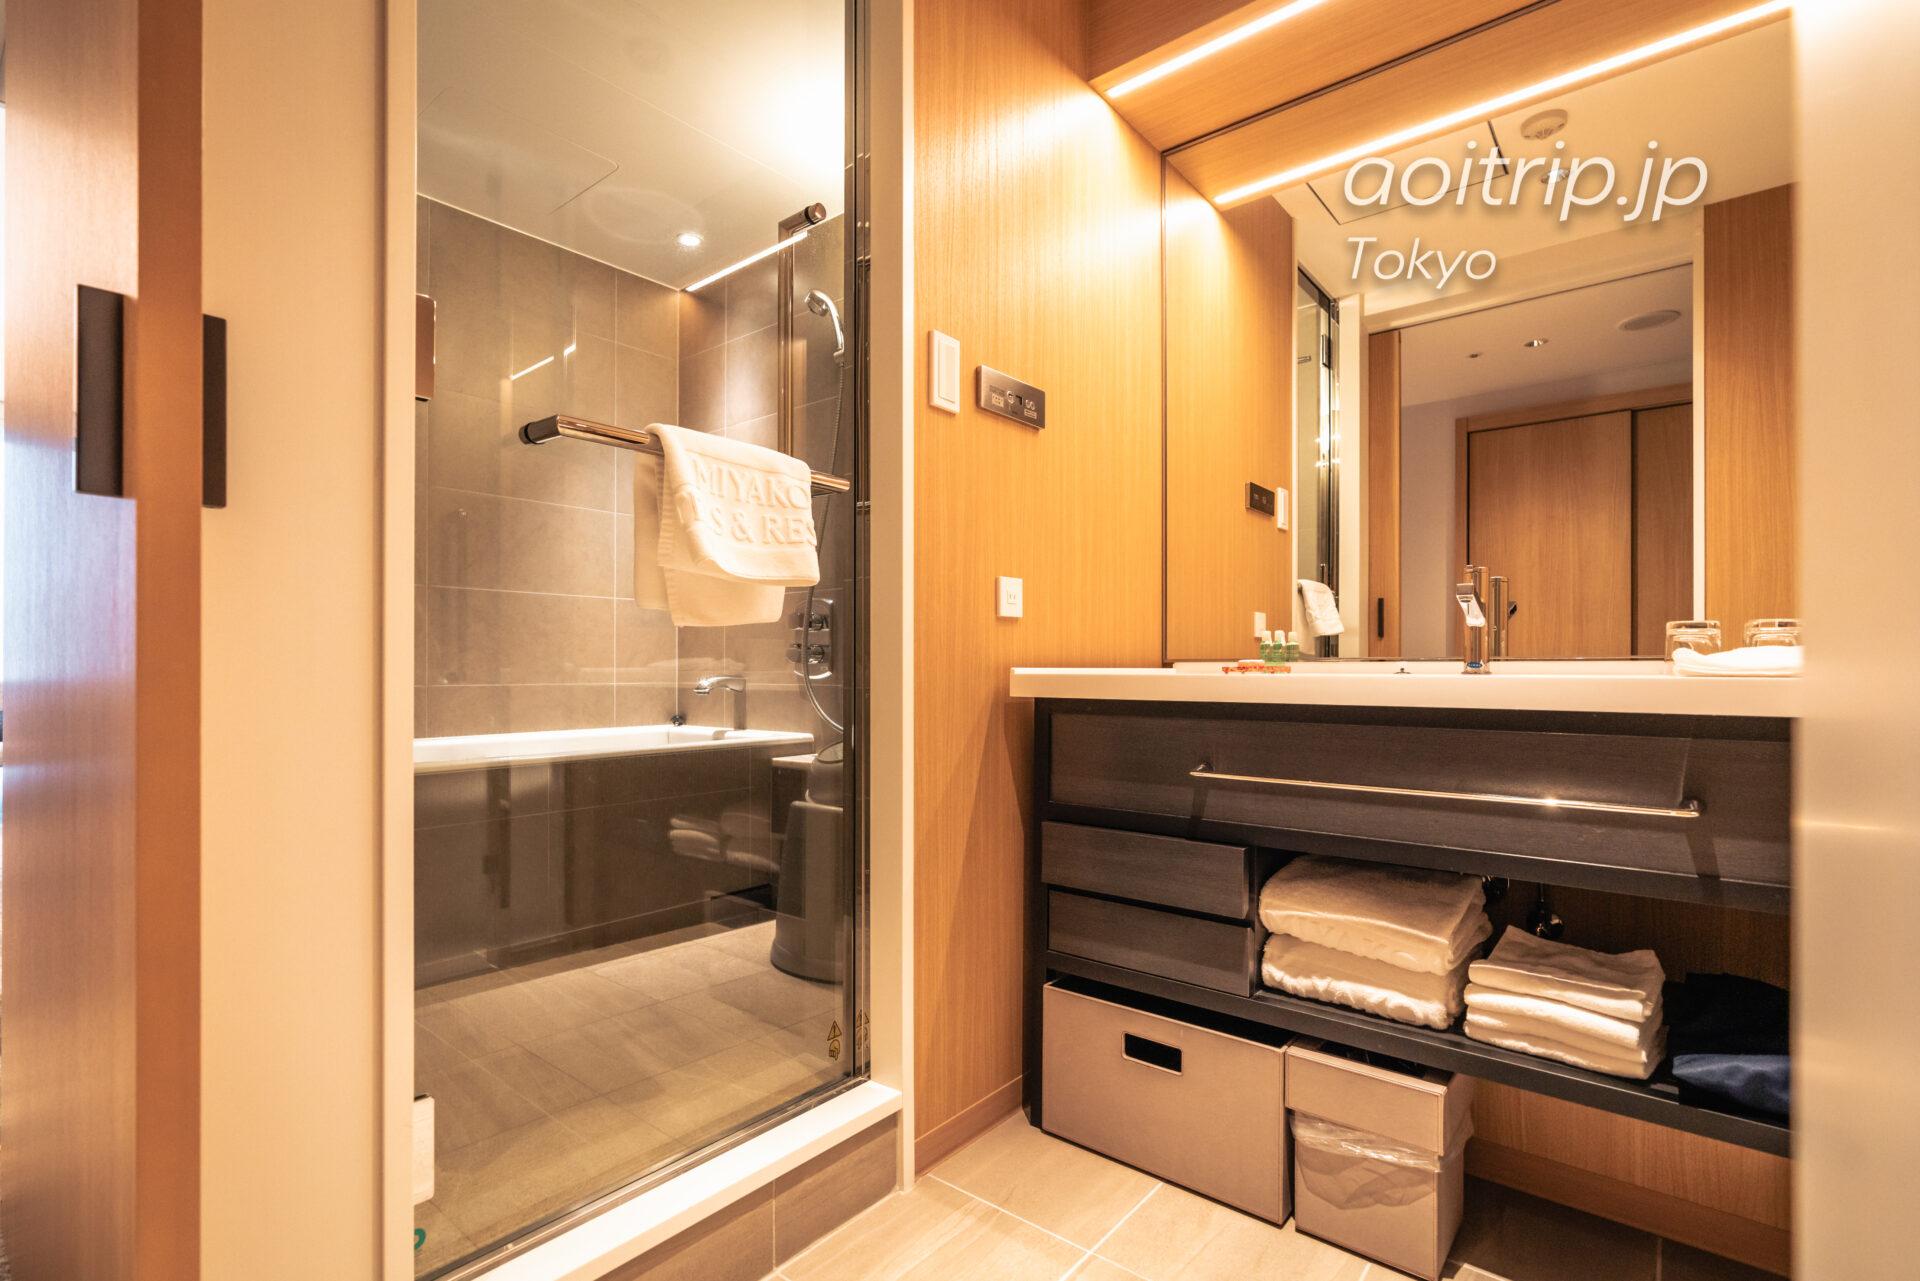 シェラトン都ホテル東京(Sheraton Miyako Hotel Tokyo)洗面台